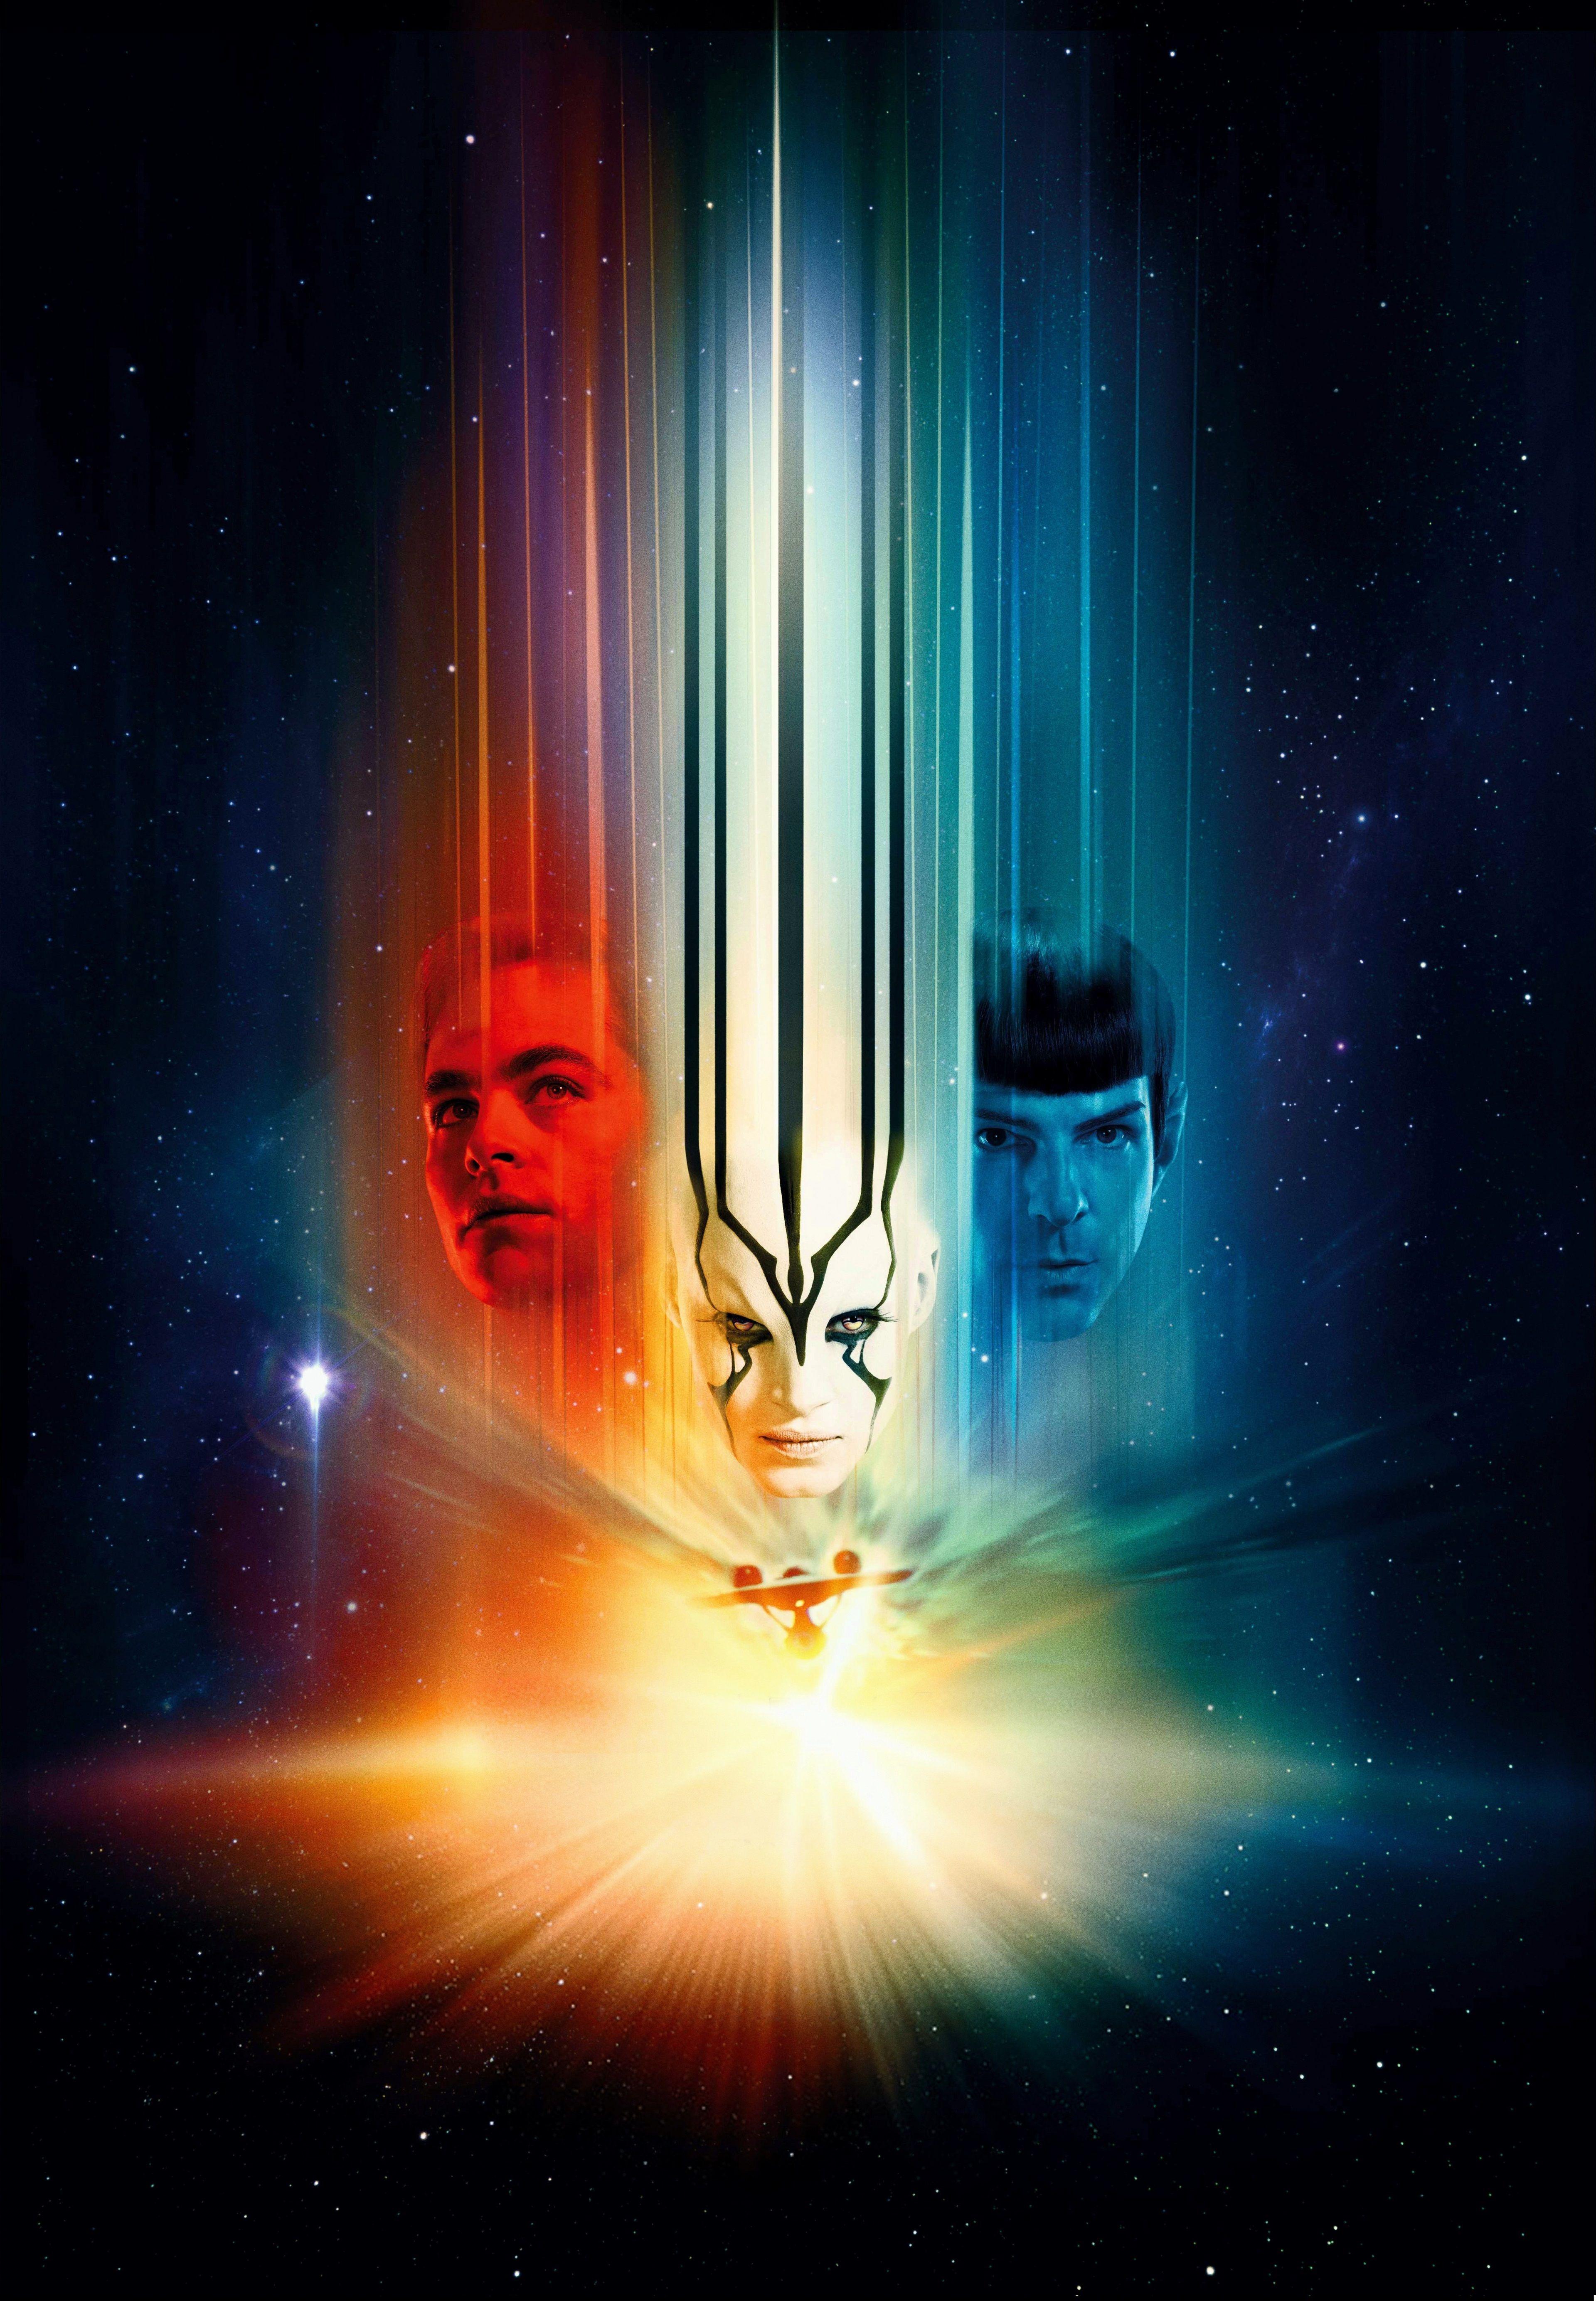 3840x5536 Star Trek Beyond 4k Full Desktop Wallpaper